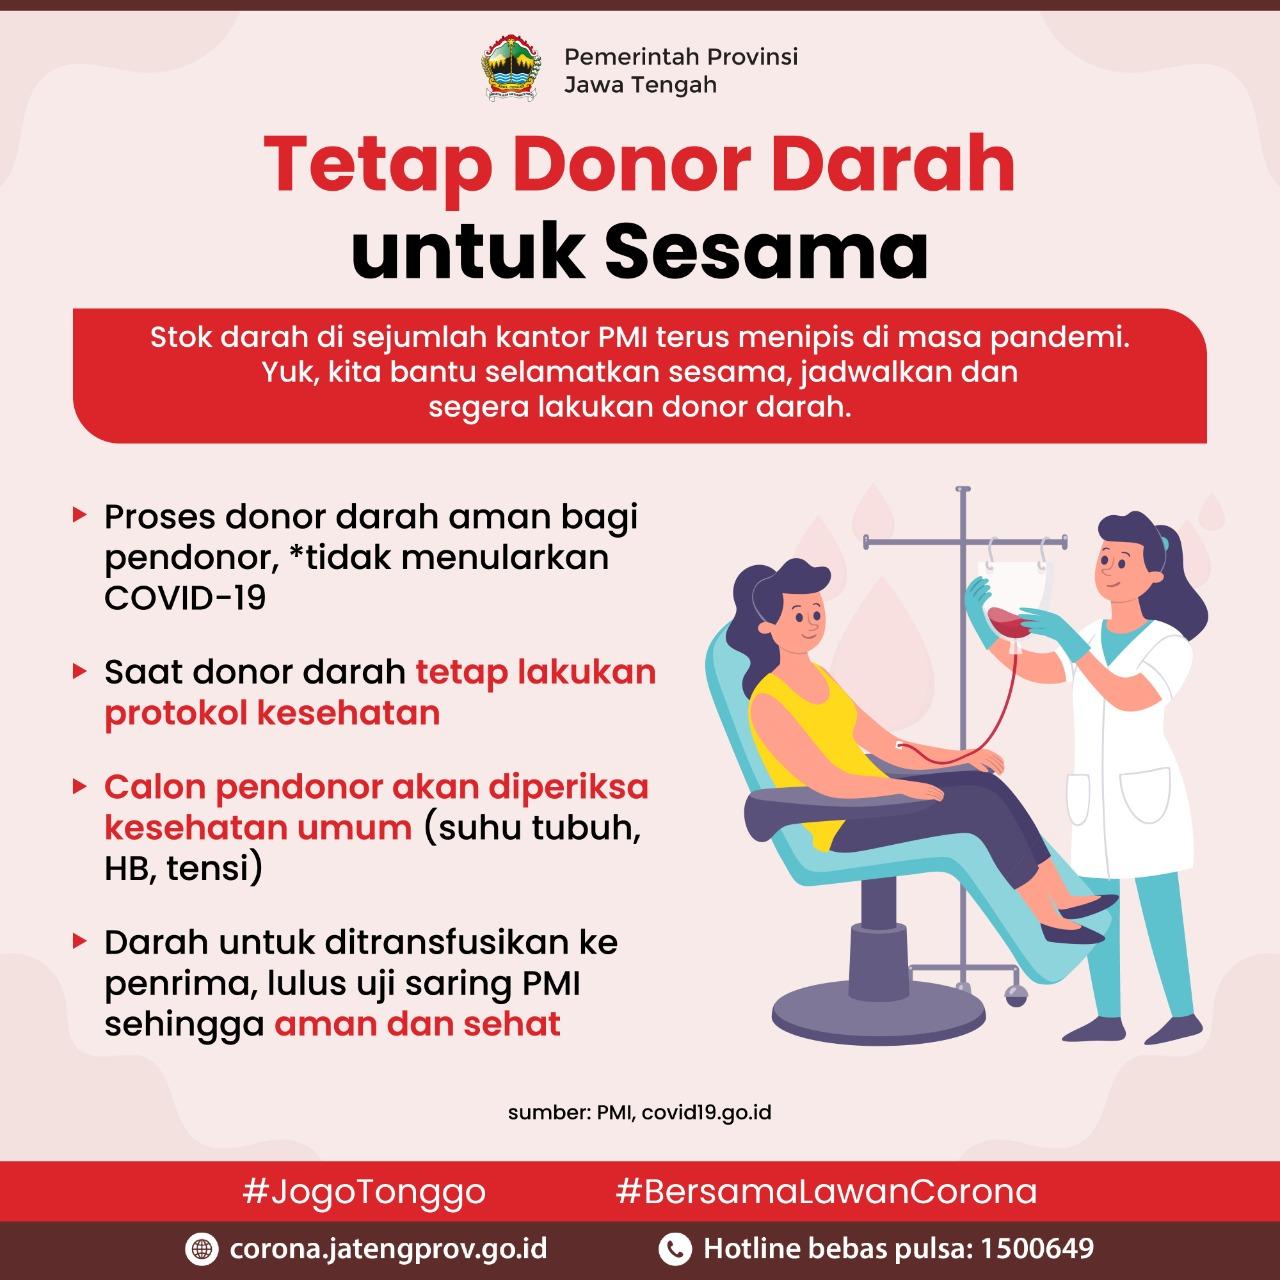 Tetap Donor Darah